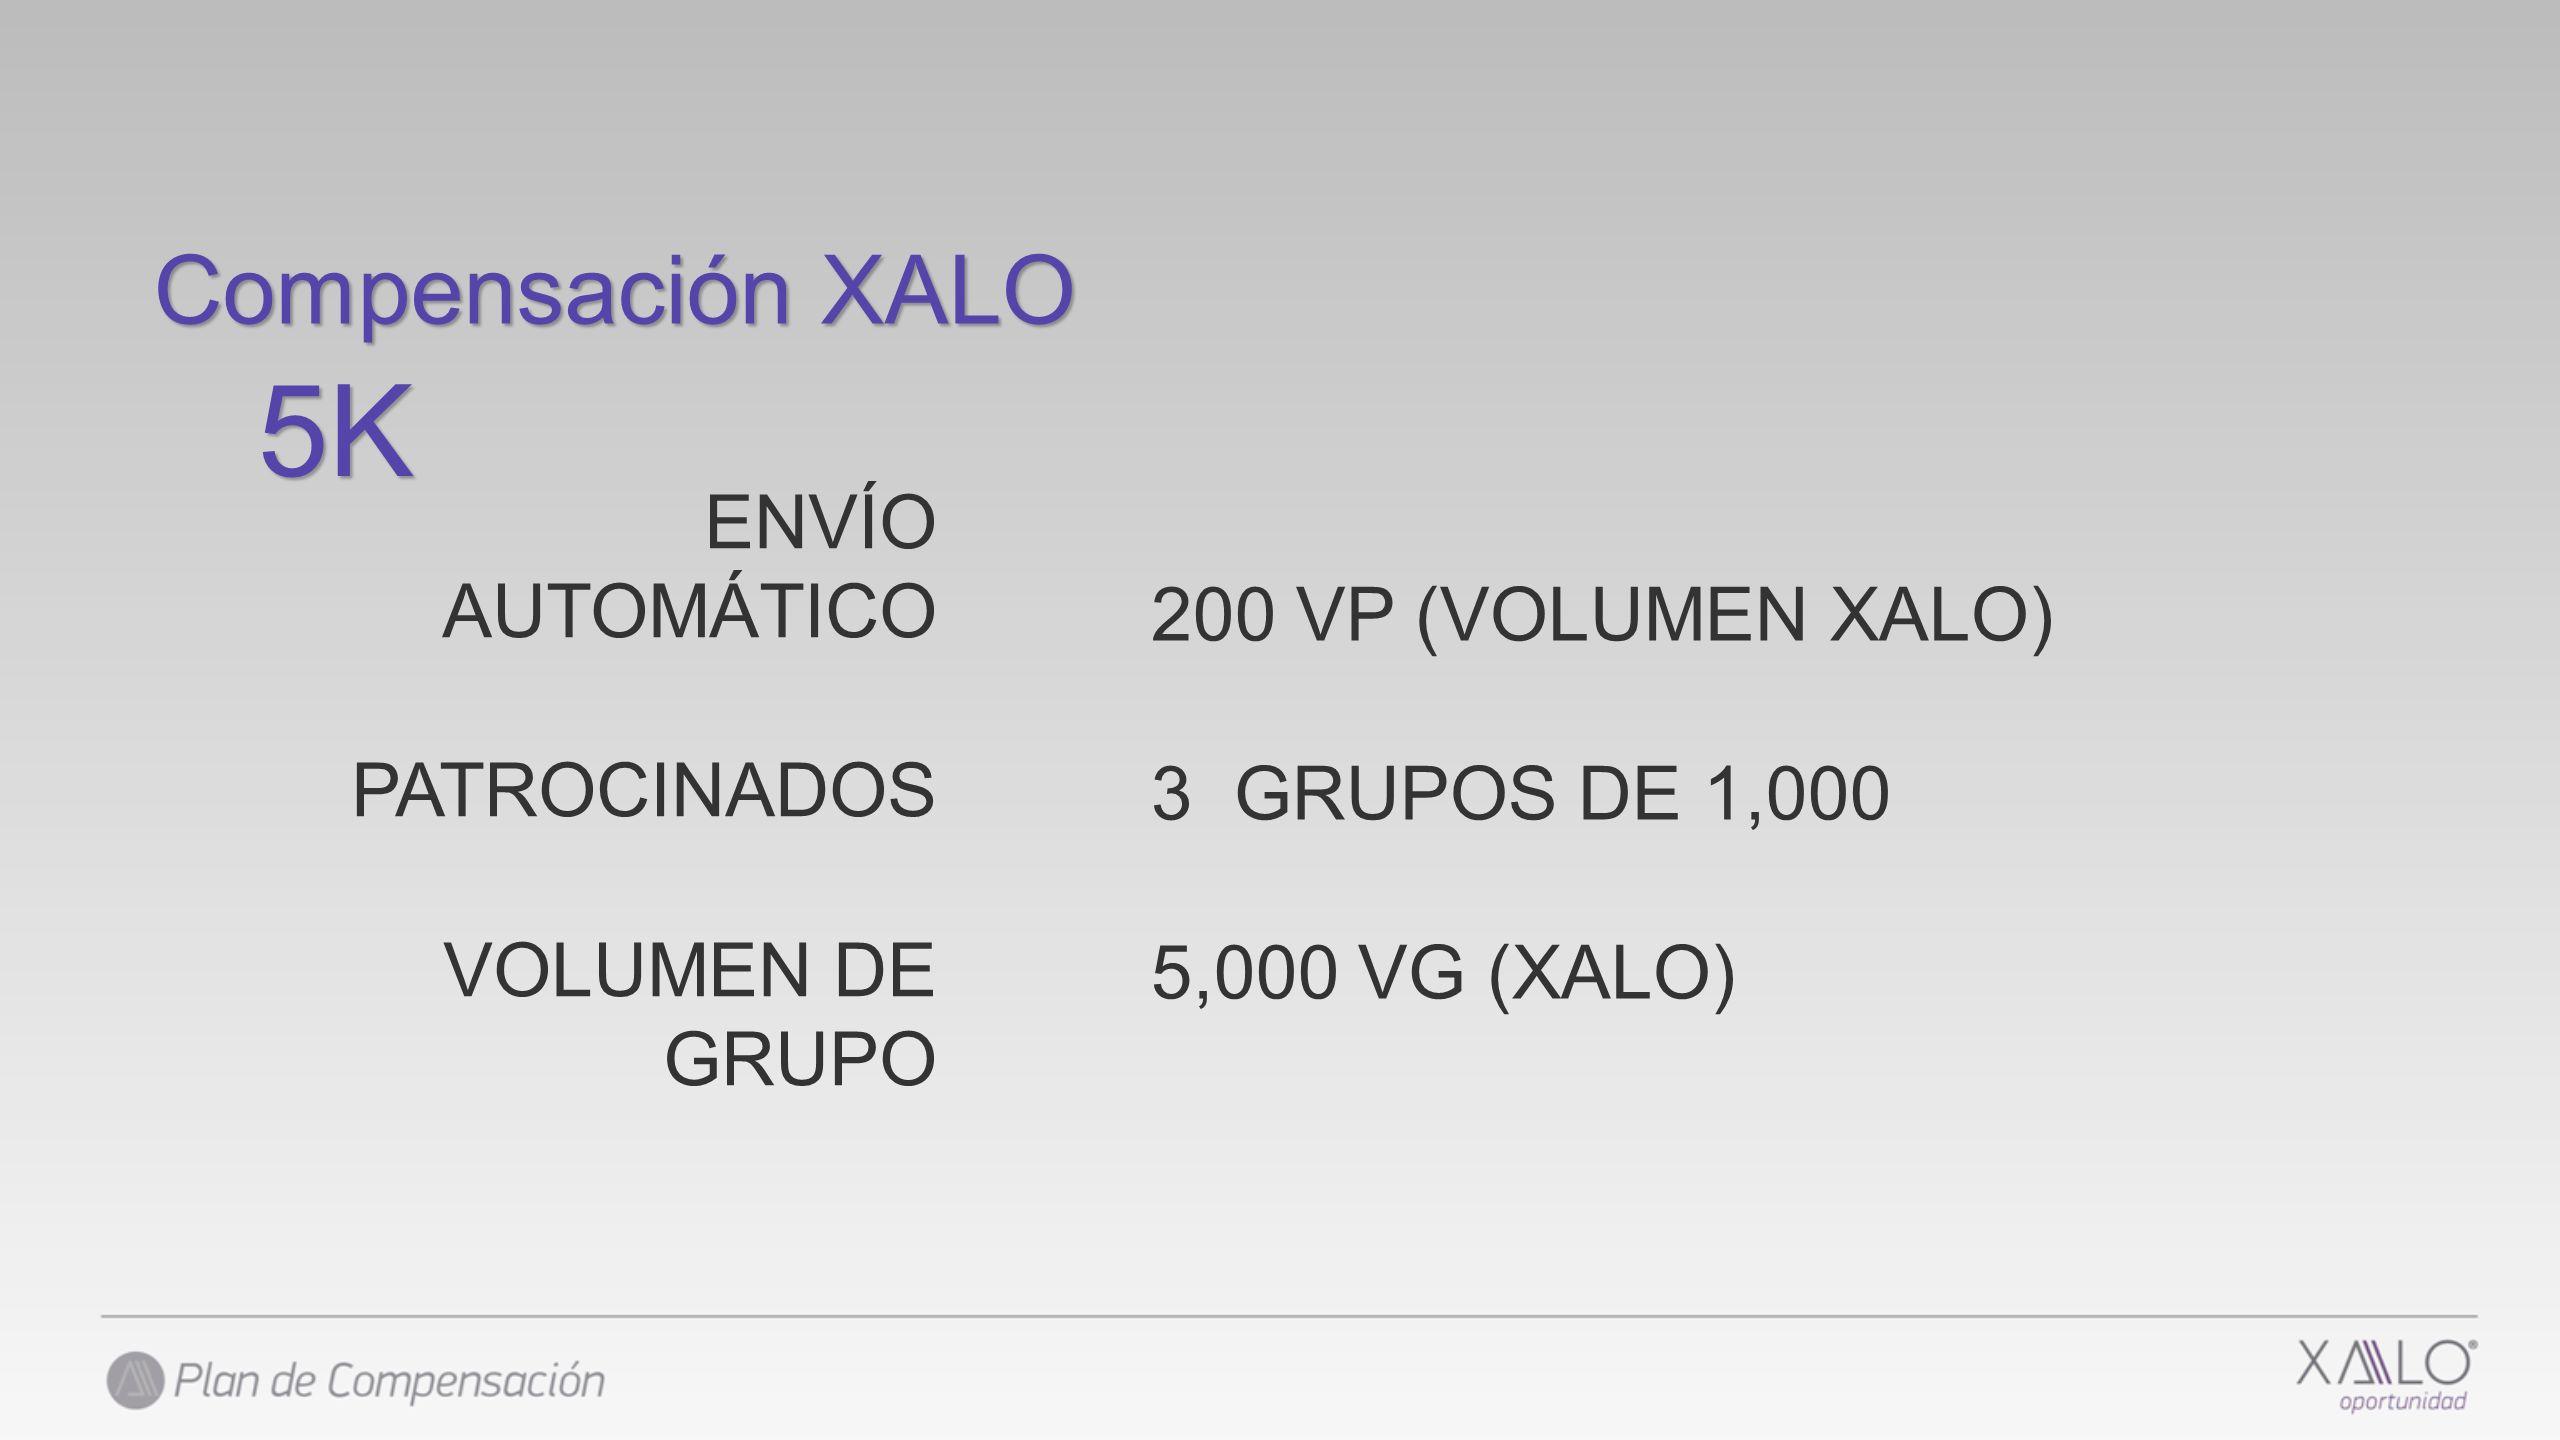 5K Compensación XALO ENVÍO AUTOMÁTICO 200 VP (VOLUMEN XALO)